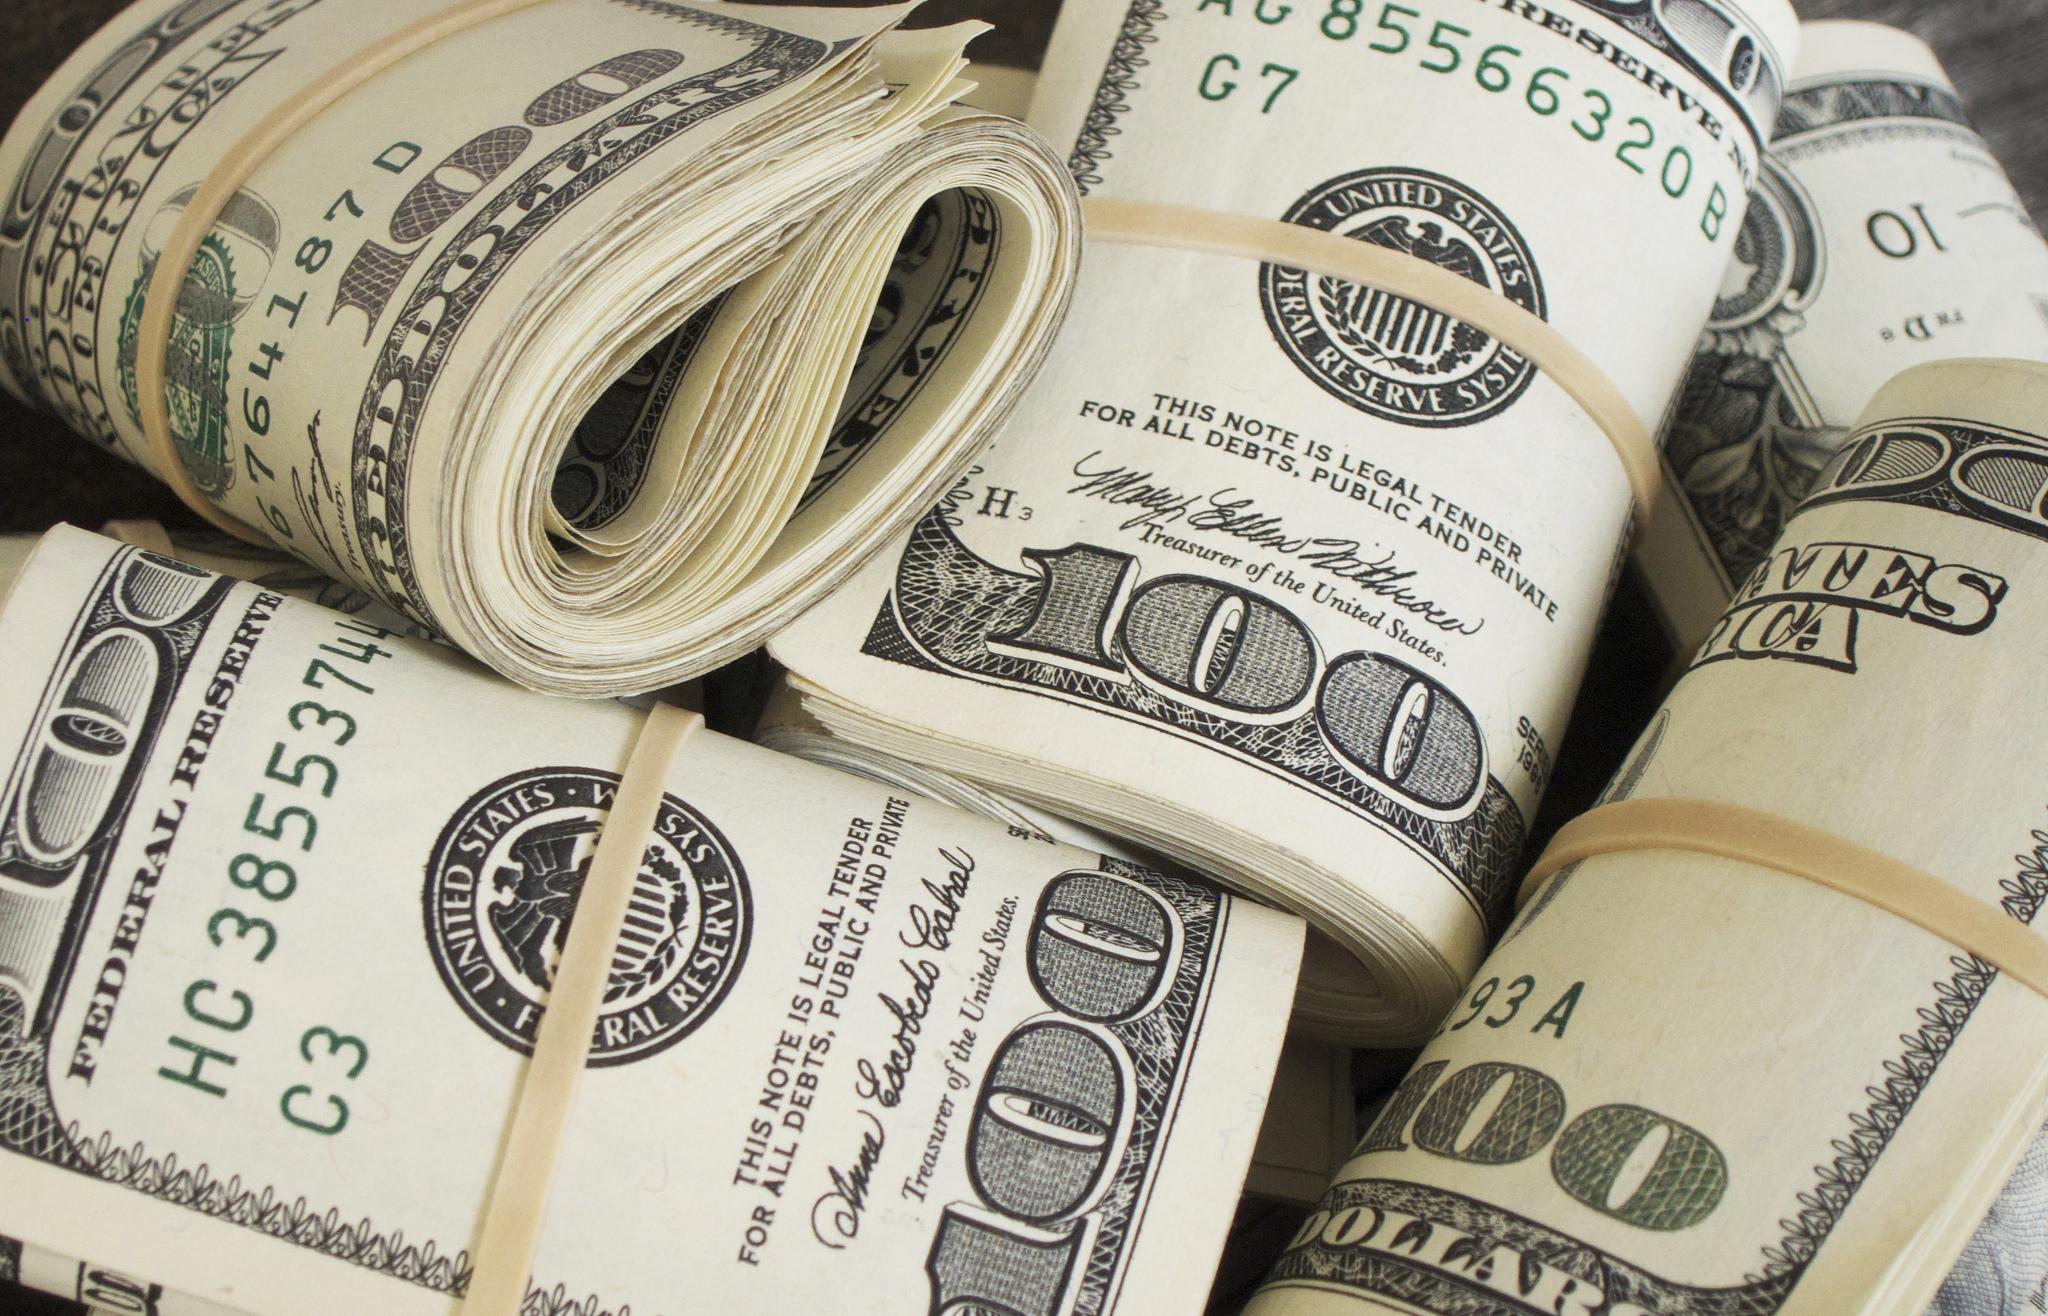 Cum să nu rămâi niciodată fără bani când lucrezi ca freelancer? (II)